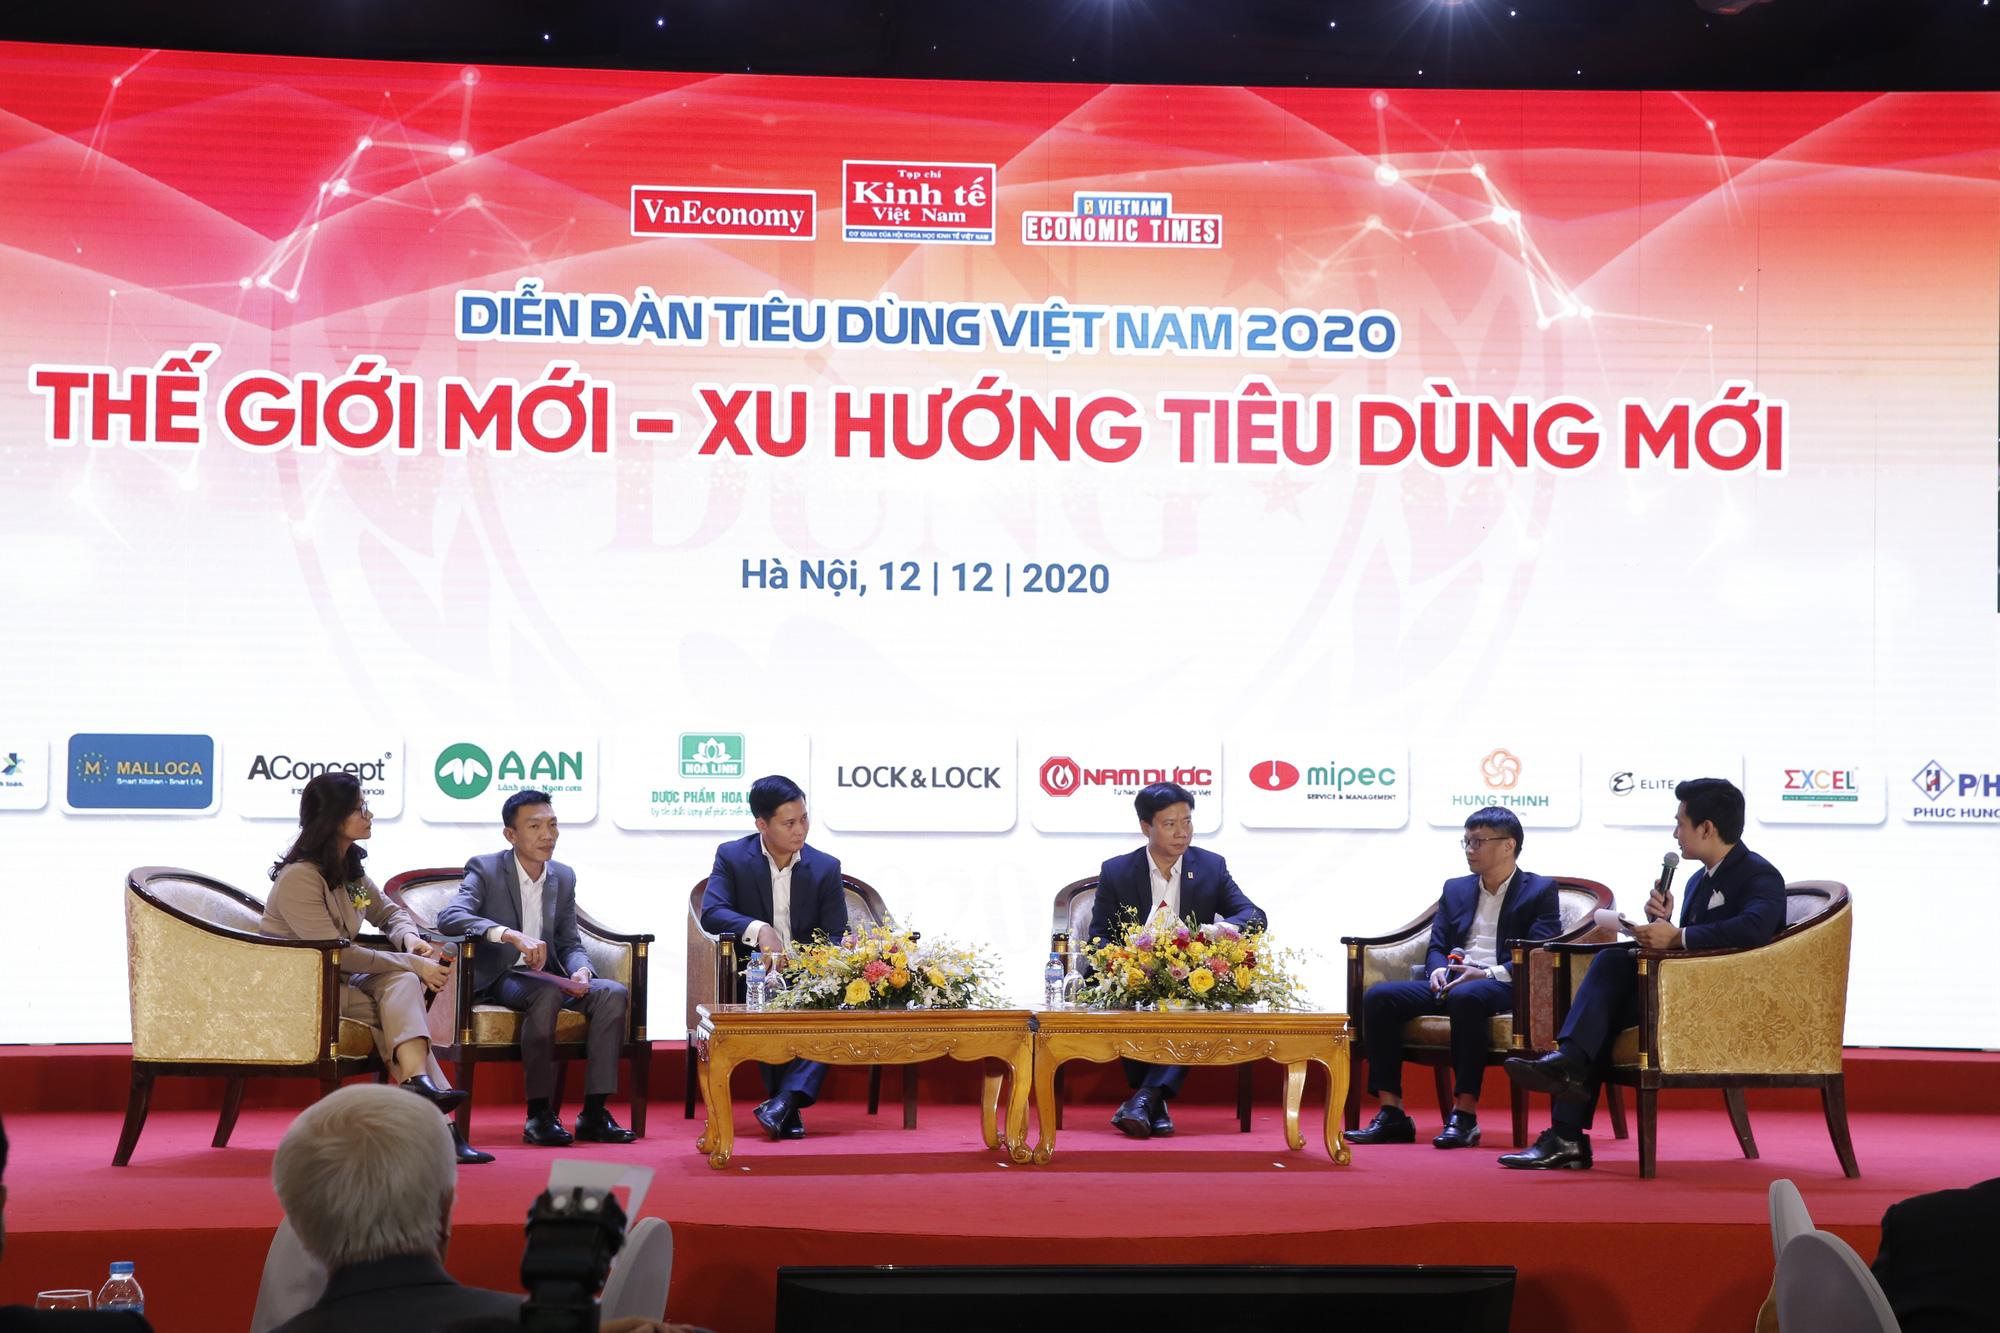 """Covid-19 là cuộc sàng lọc và màn ứng phó """"siêu tốc"""" của doanh nghiệp Việt - Ảnh 3."""